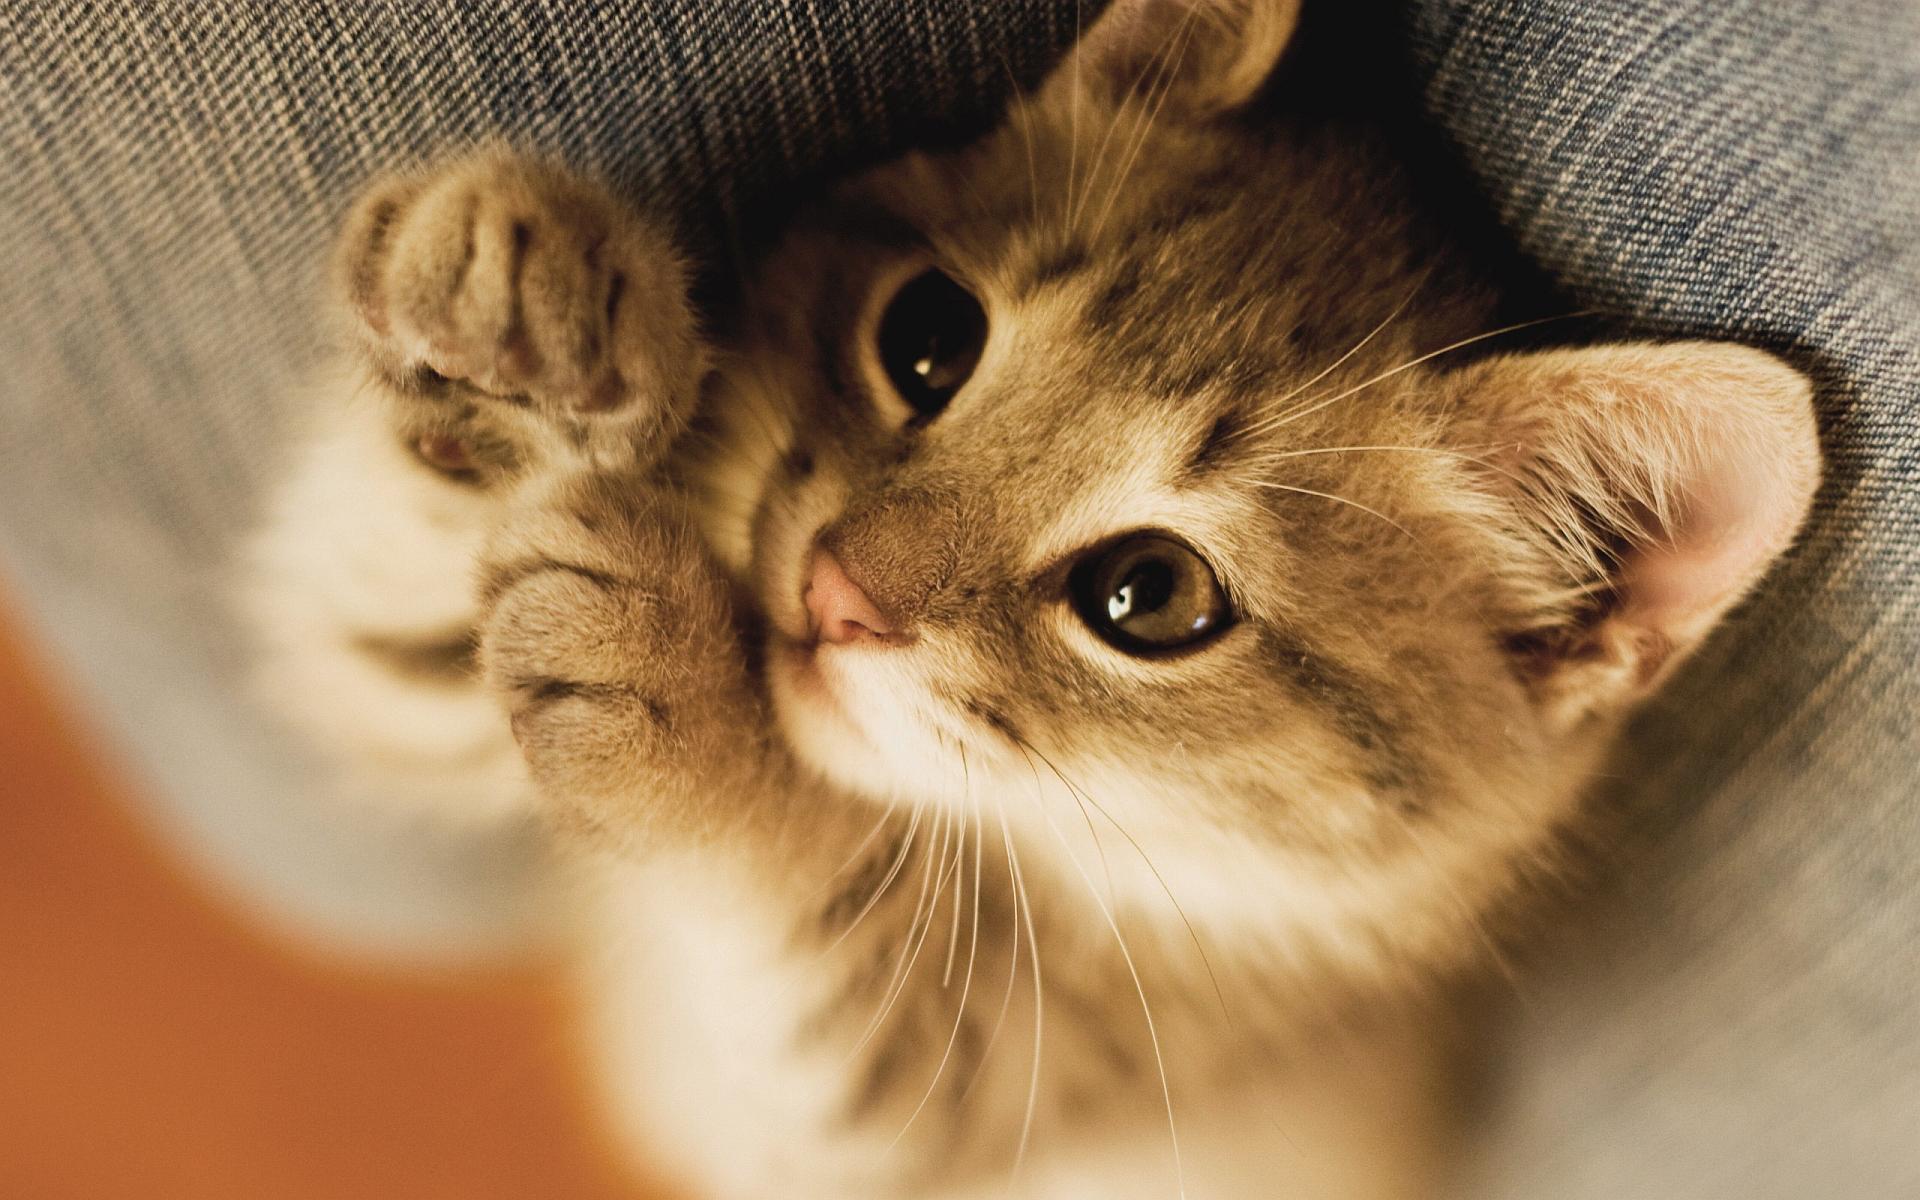 Lovely little kitty